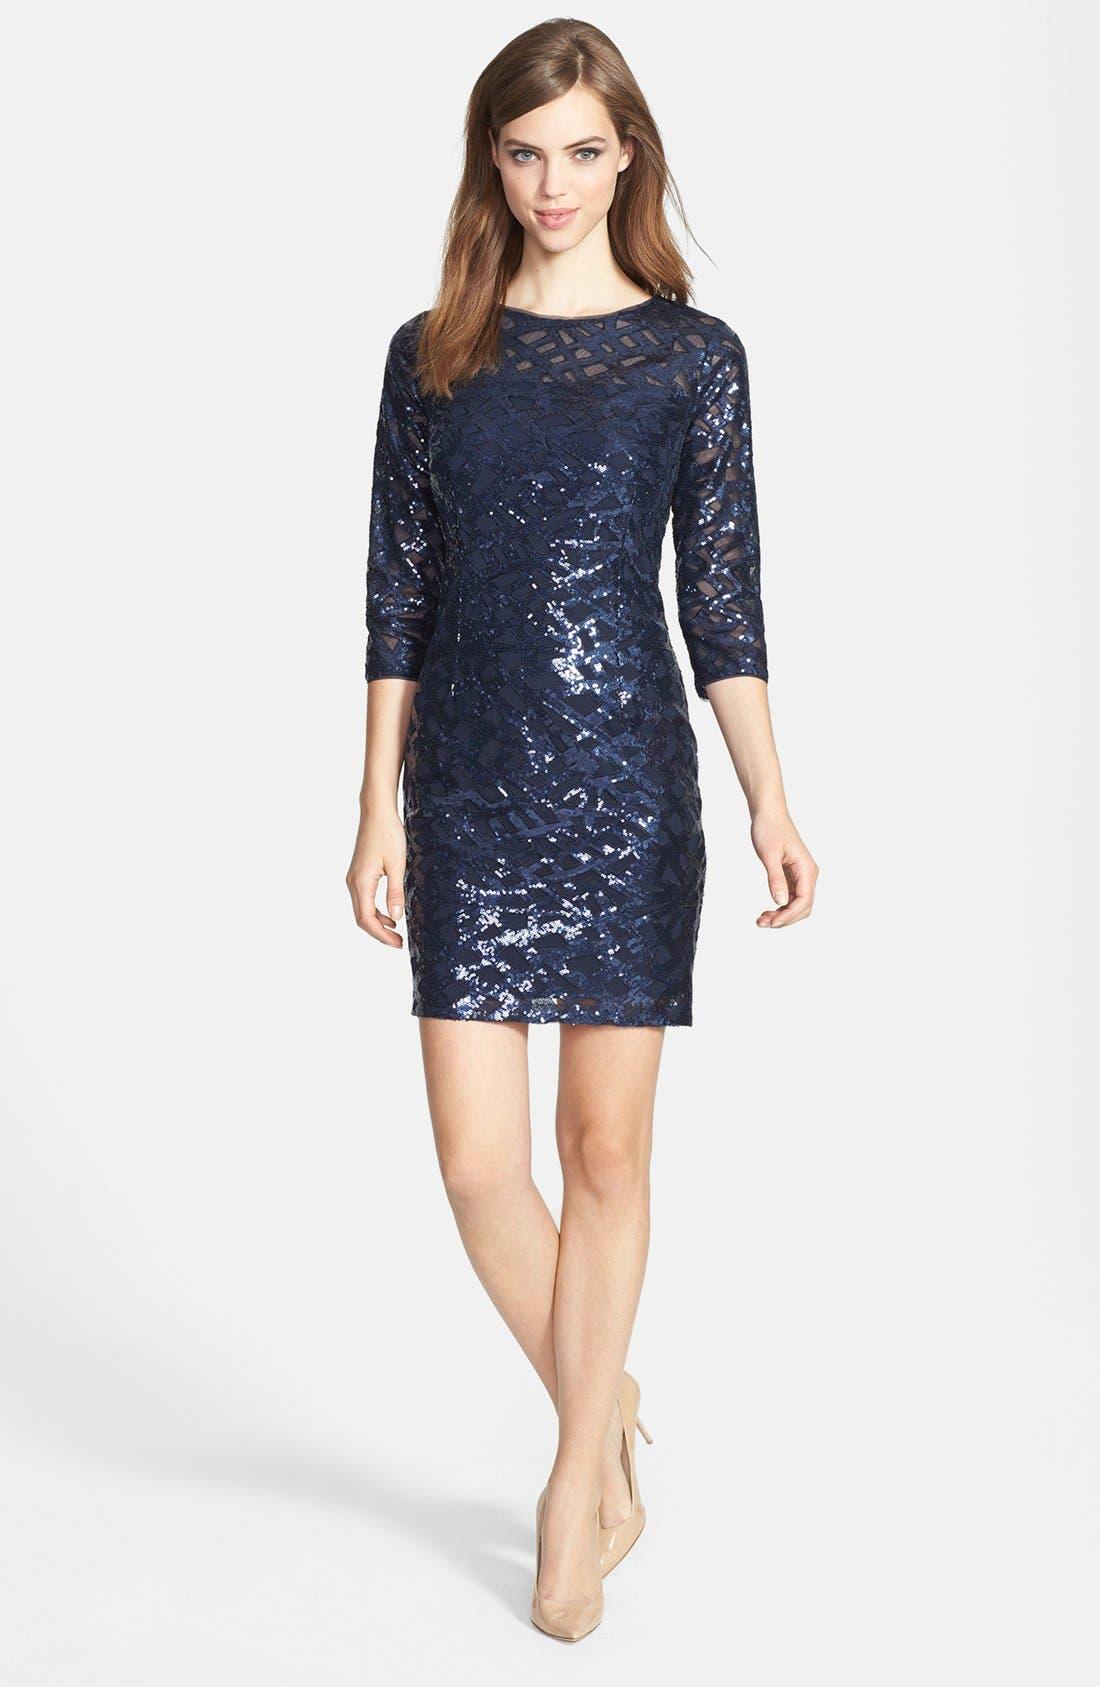 Alternate Image 1 Selected - Aidan by Aidan Mattox Long Sleeve Sequin Dress